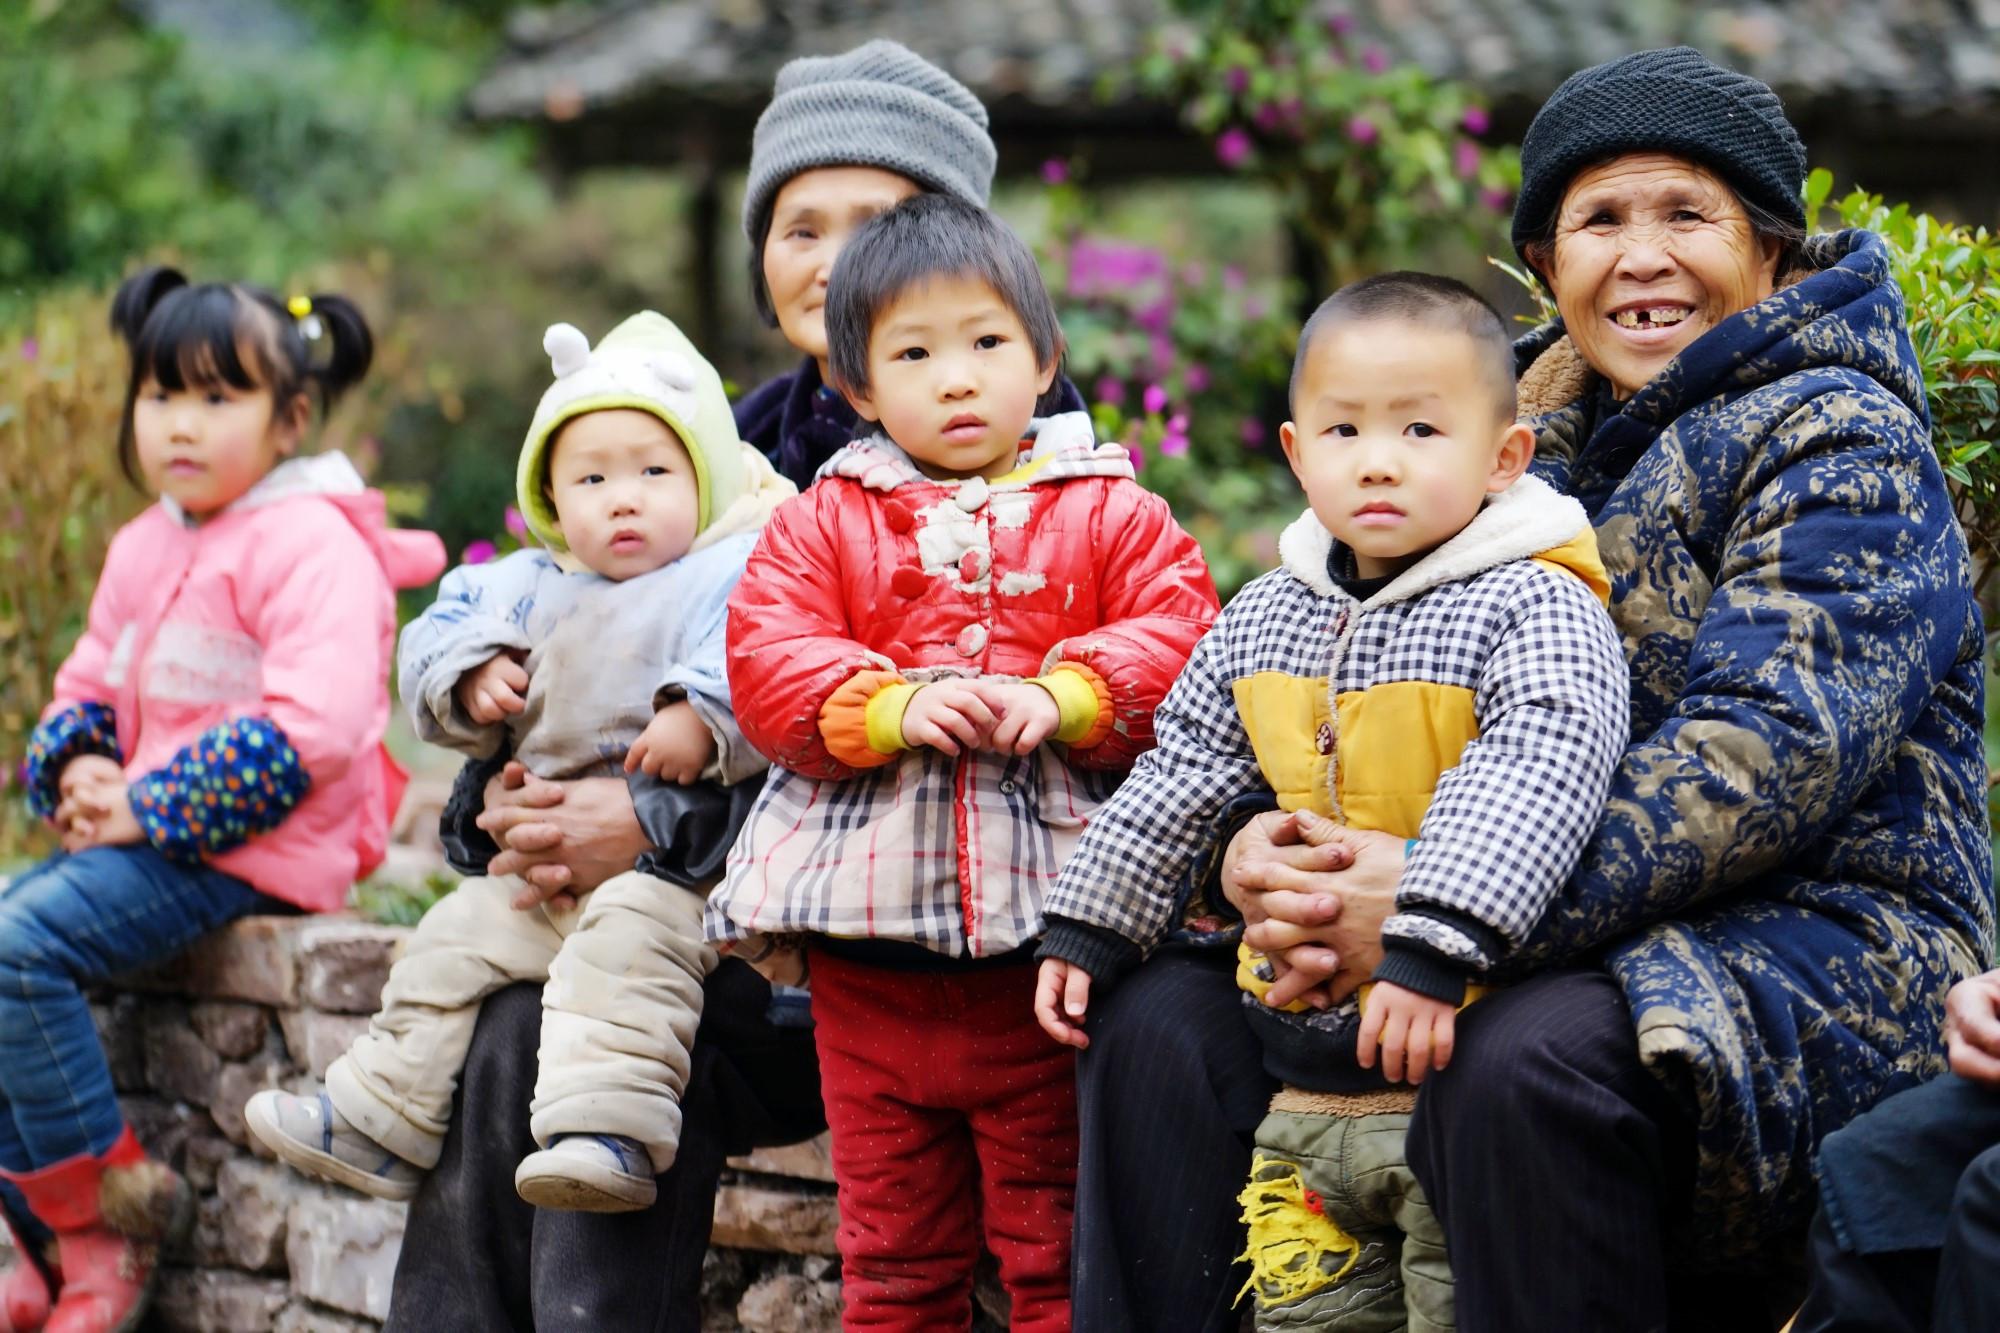 中国戏剧活化石,一场少见的尧古村傩戏